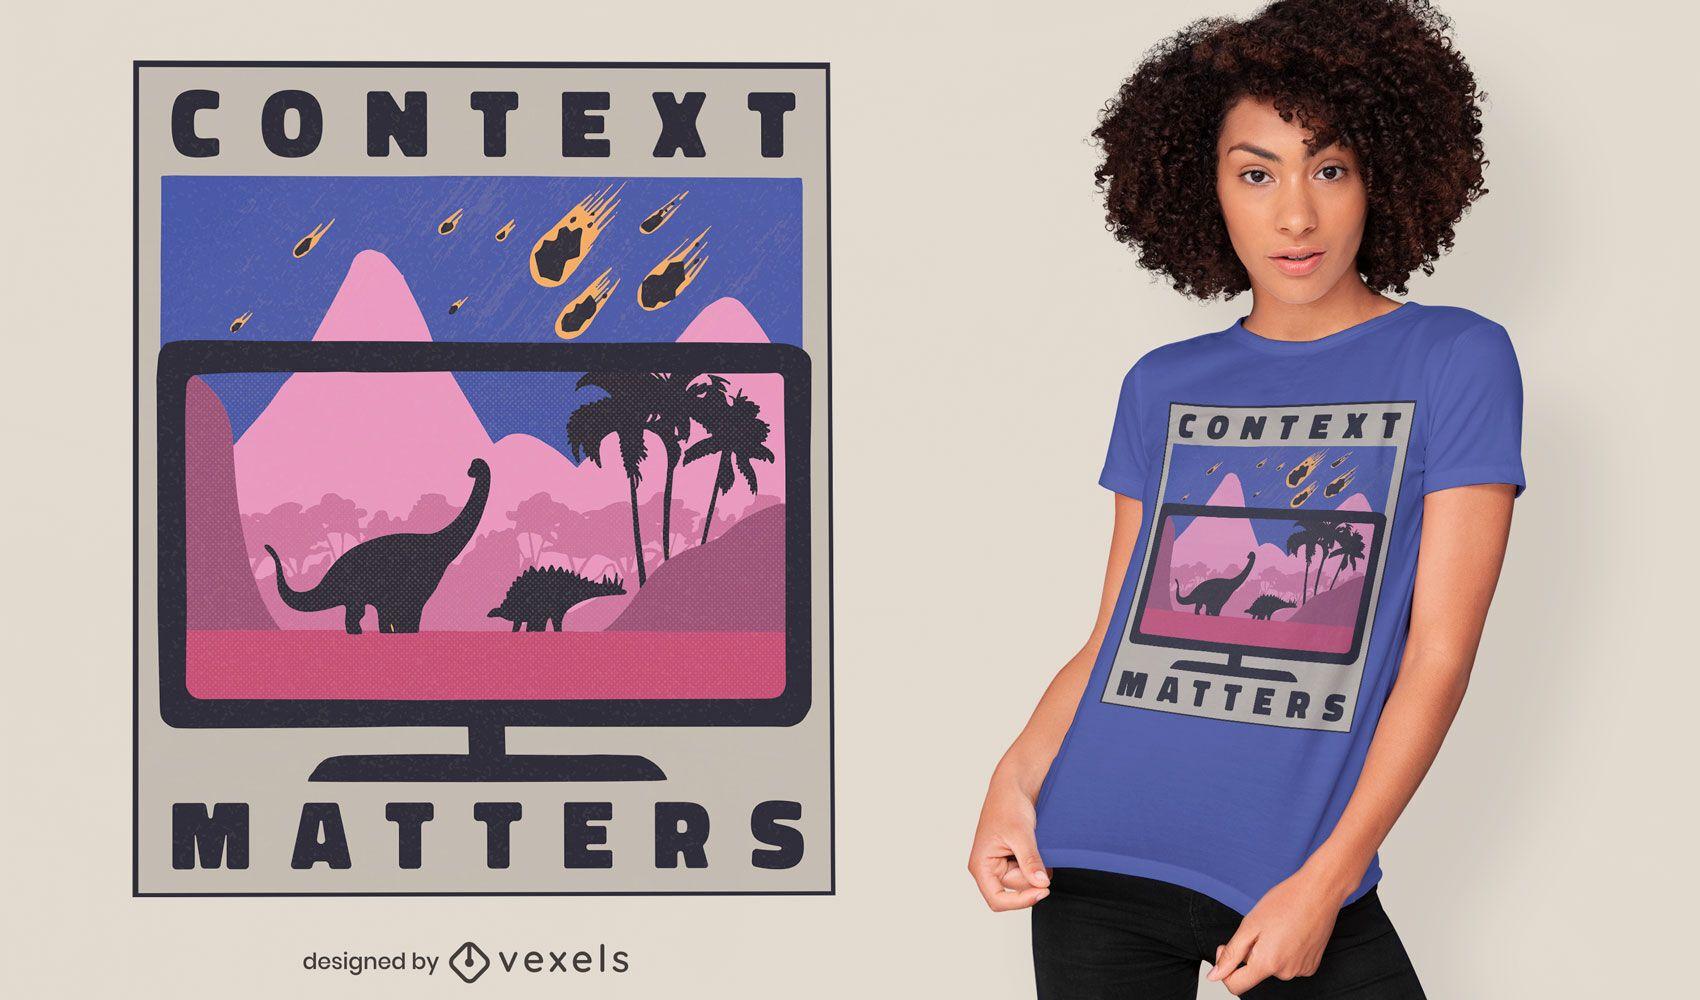 Media context conceptual t-shirt design